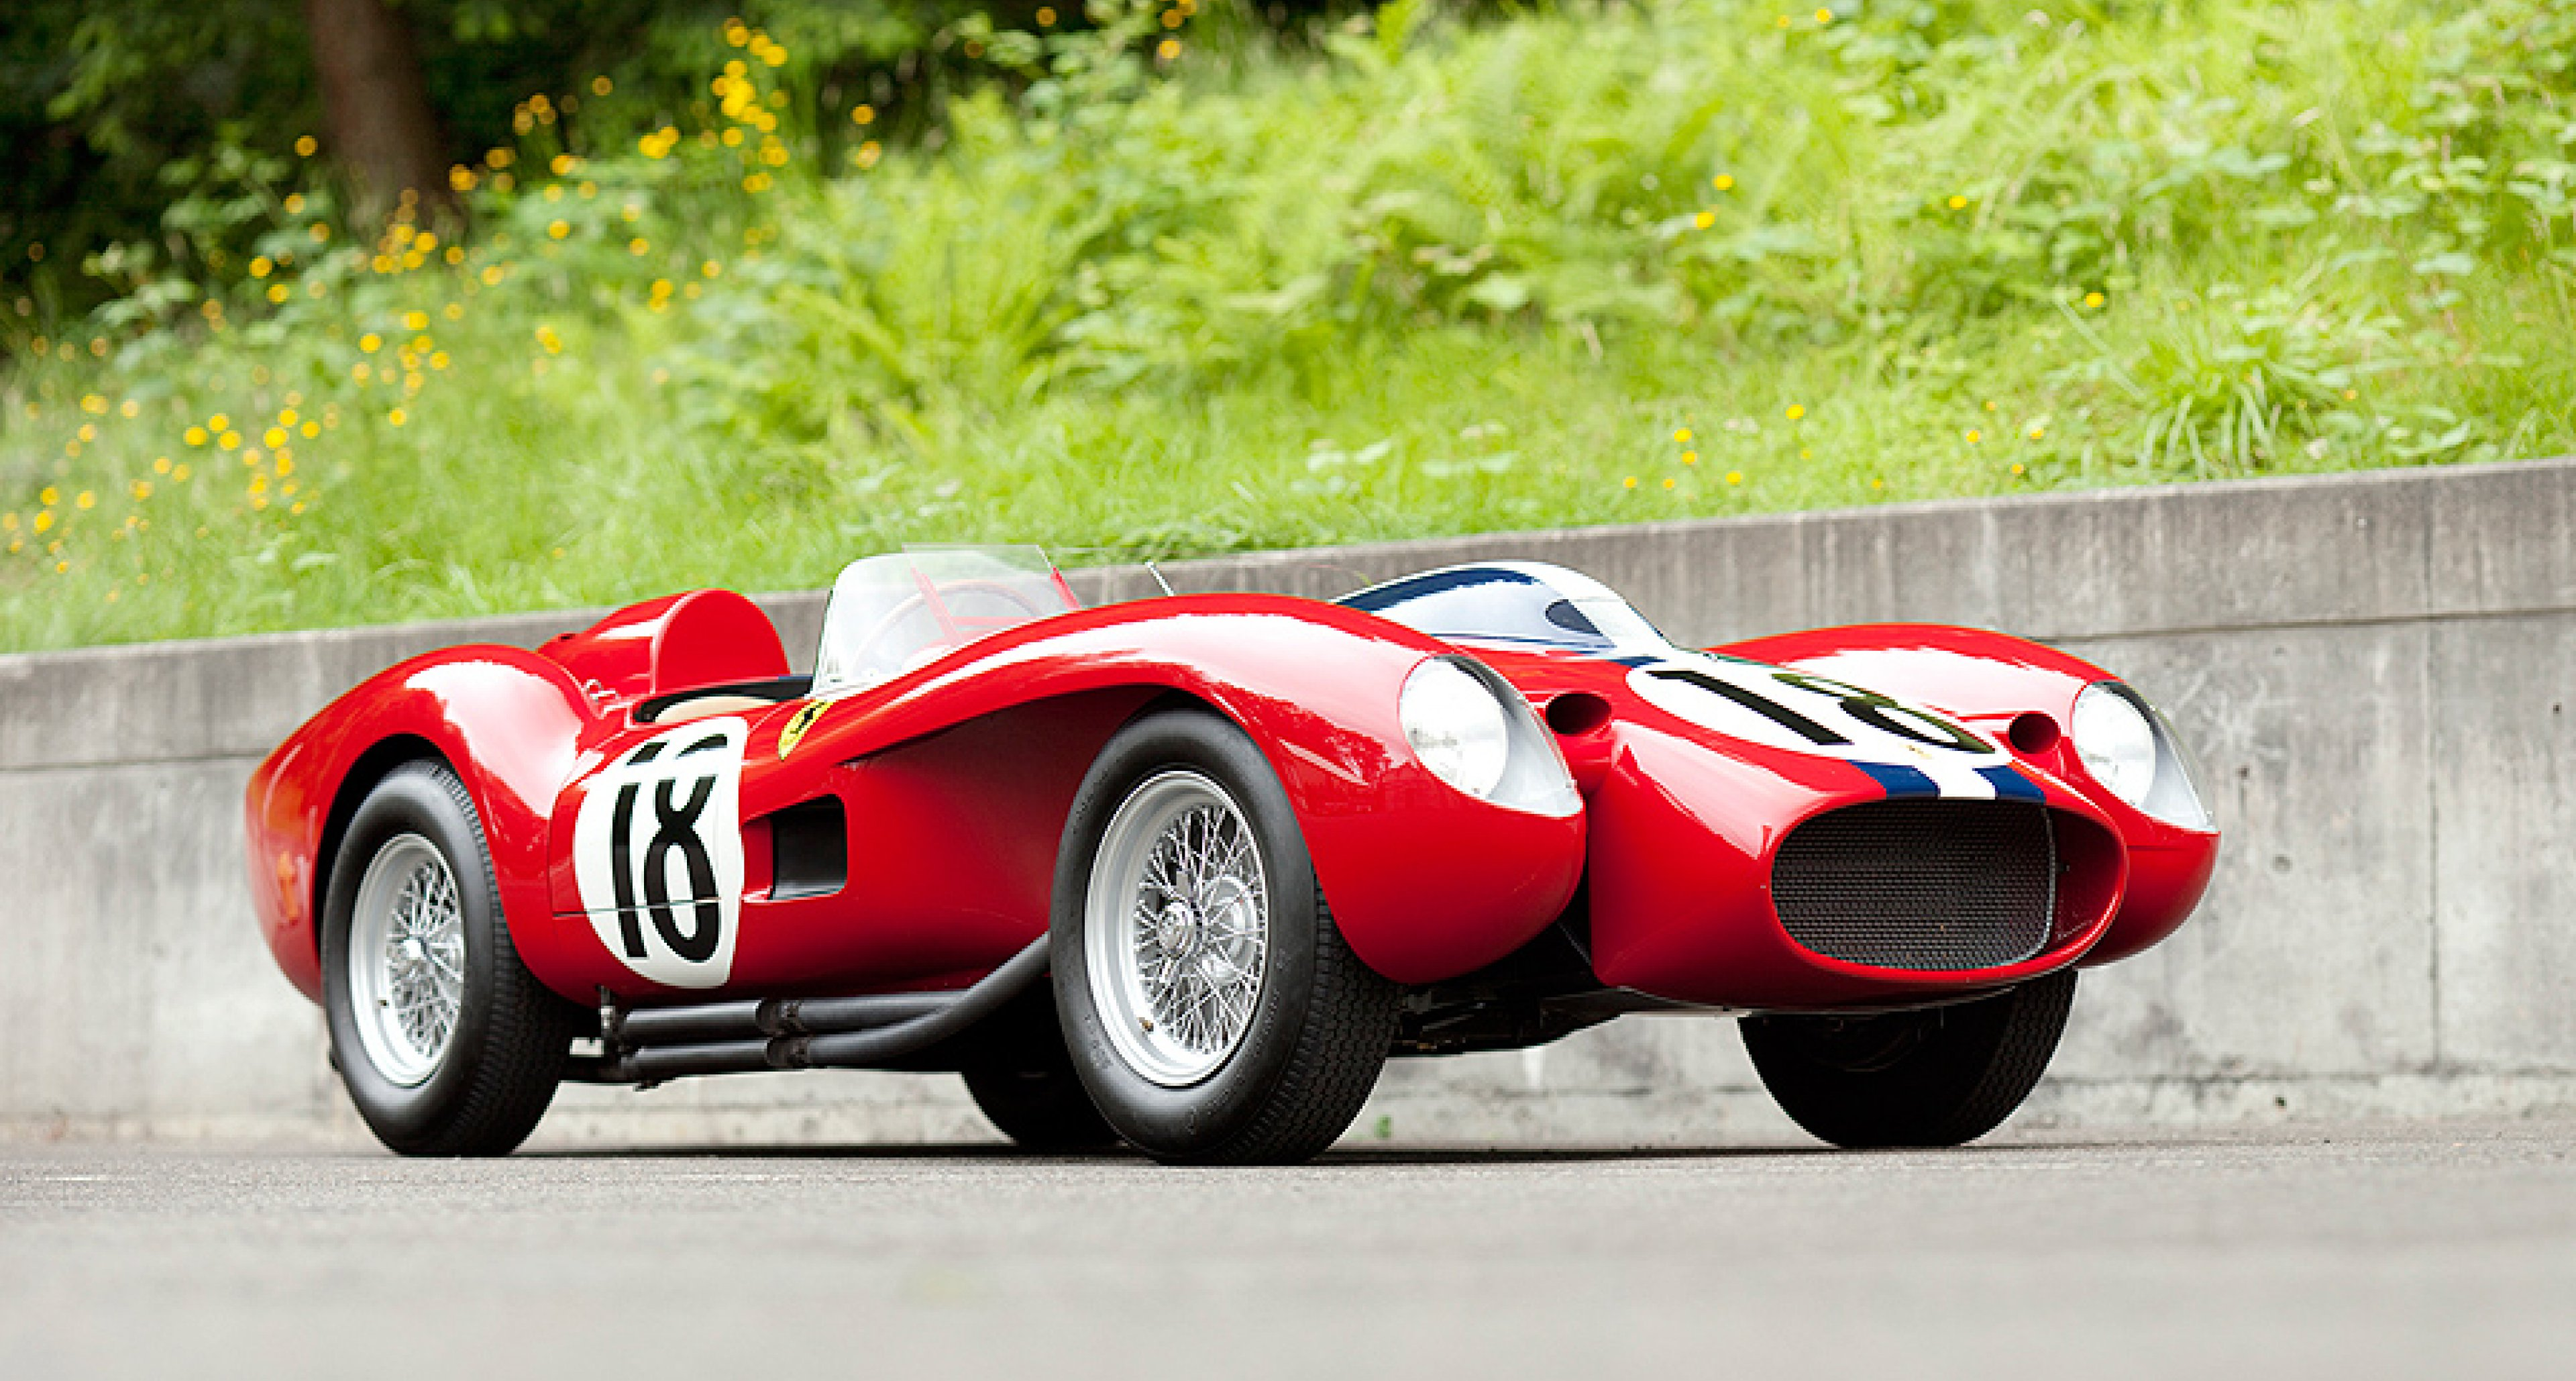 Neuer Weltrekord Ferrari 250 Testa Rossa Prototyp Für 16 4 Millionen Us Dollar Versteigert Classic Driver Magazine